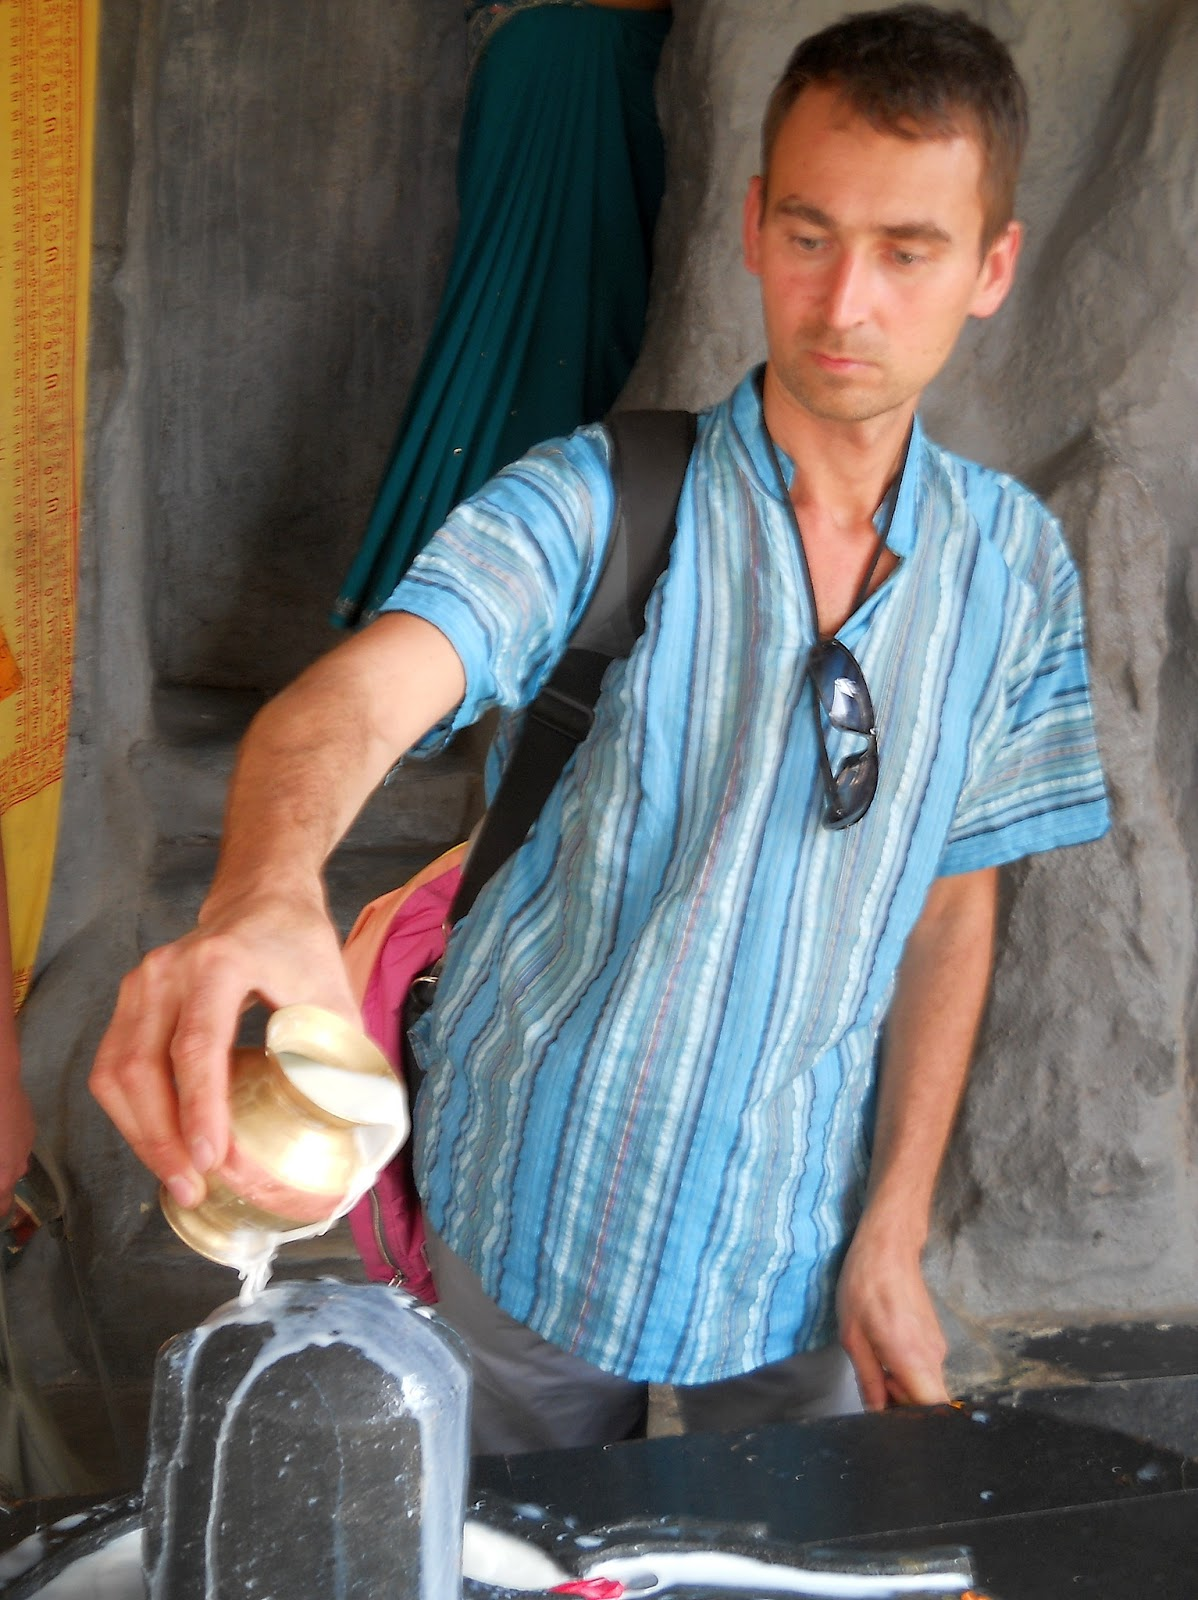 поливание молоком лингама